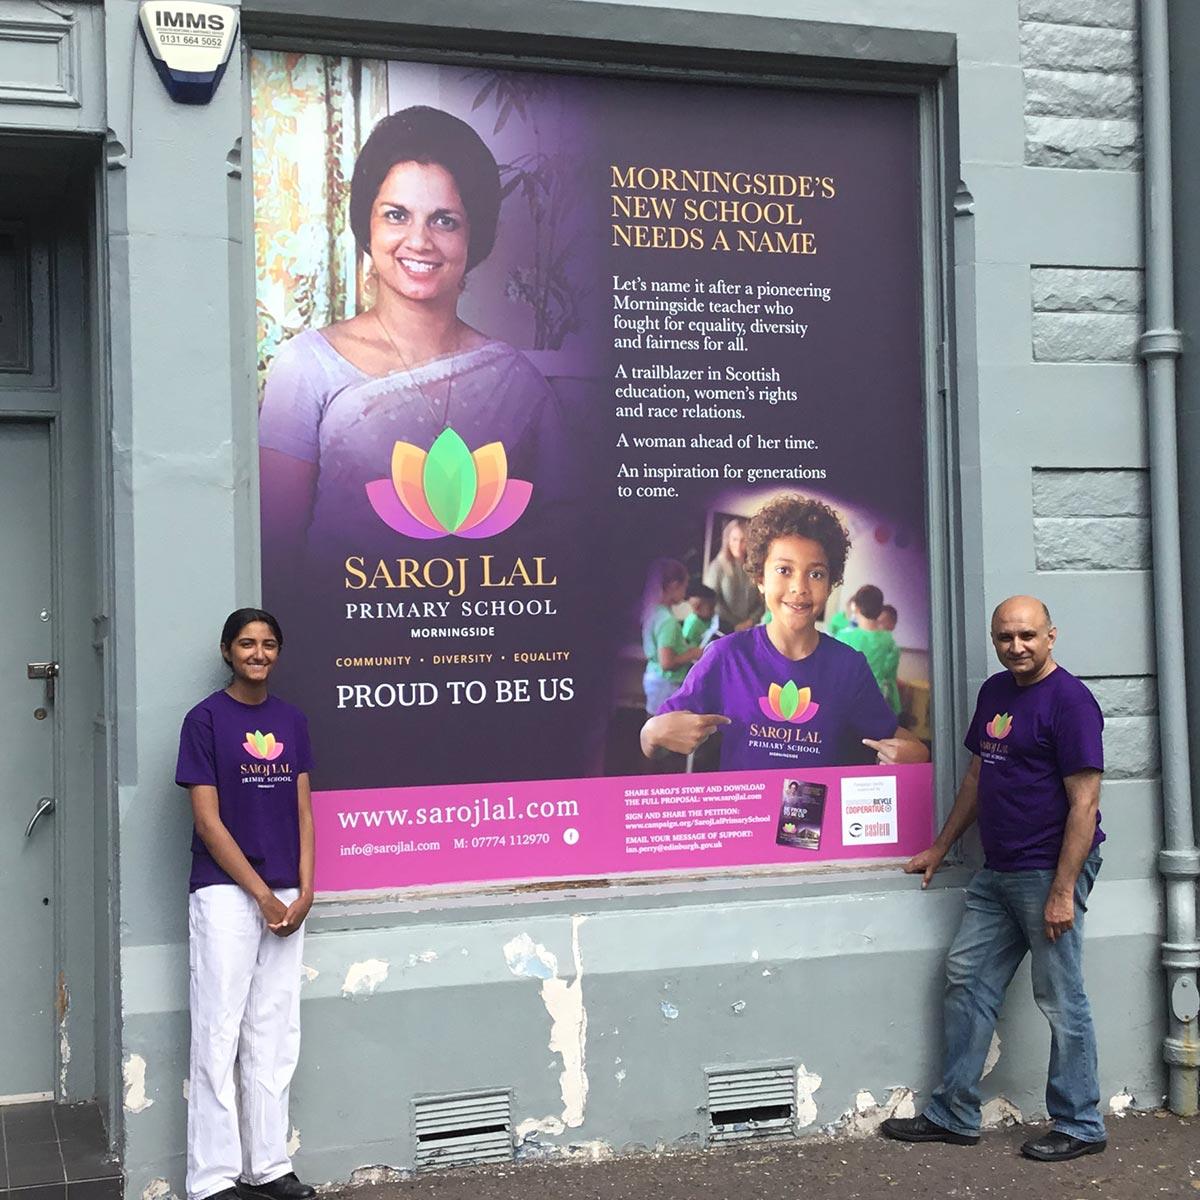 Saroj Lal Primary School campaign window poster